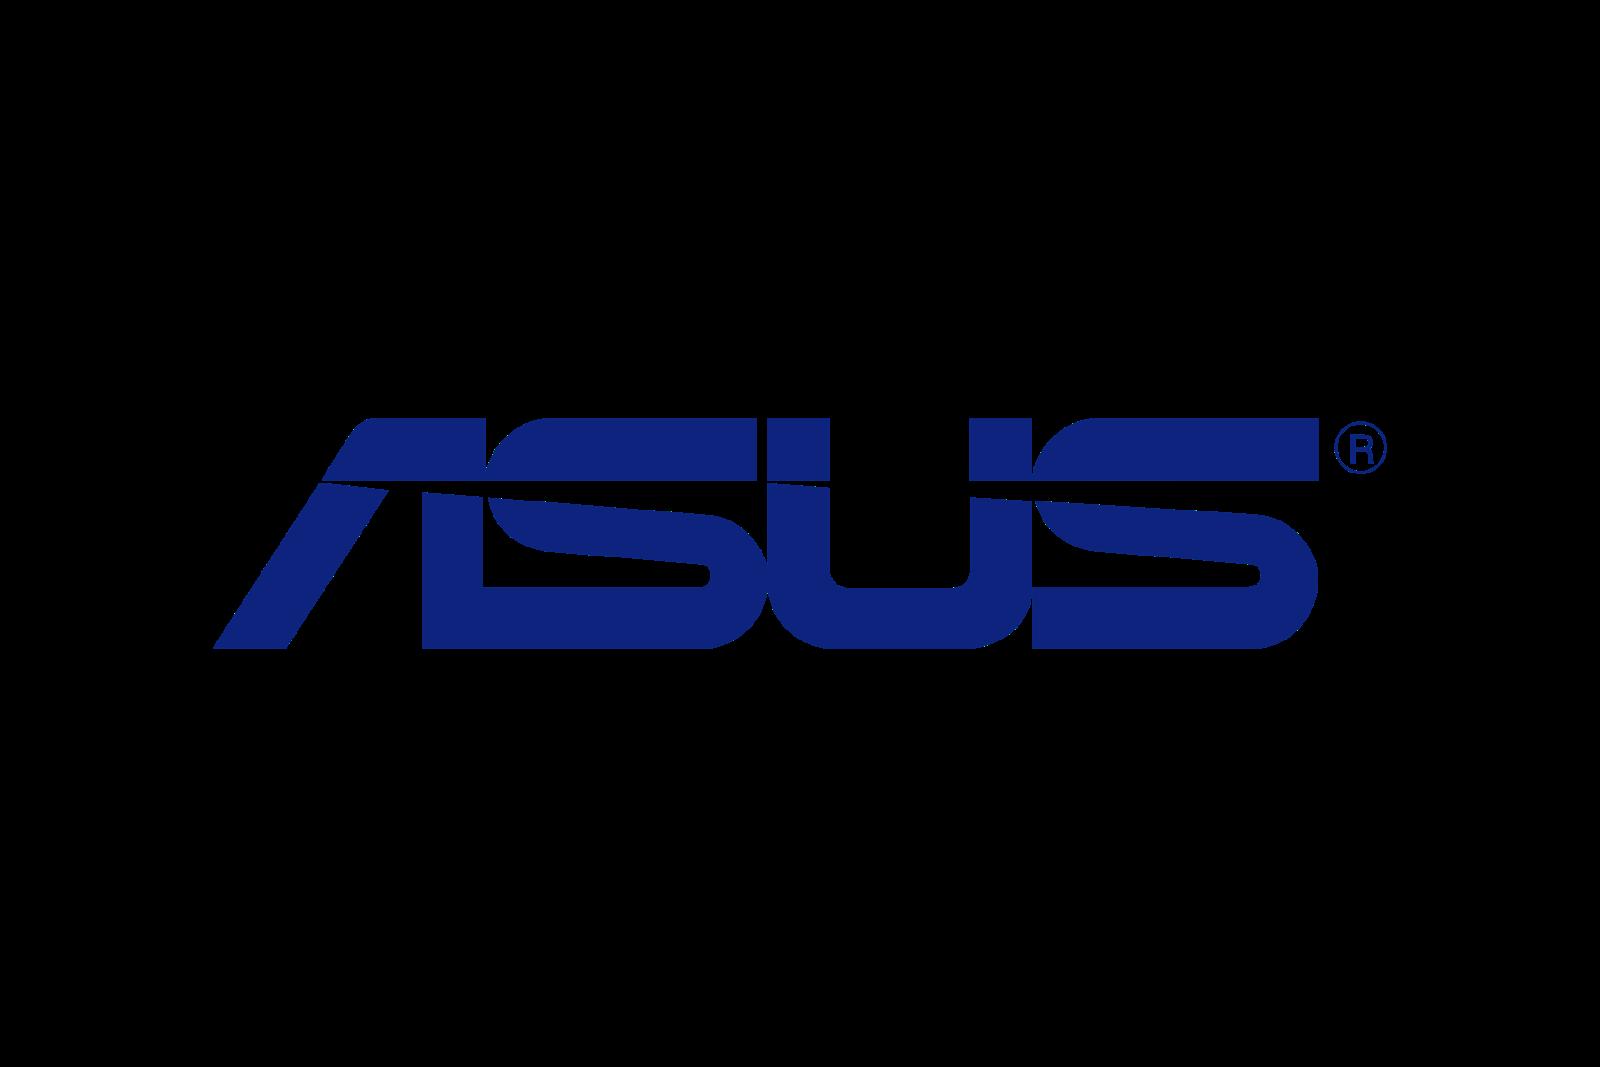 Asus phone number